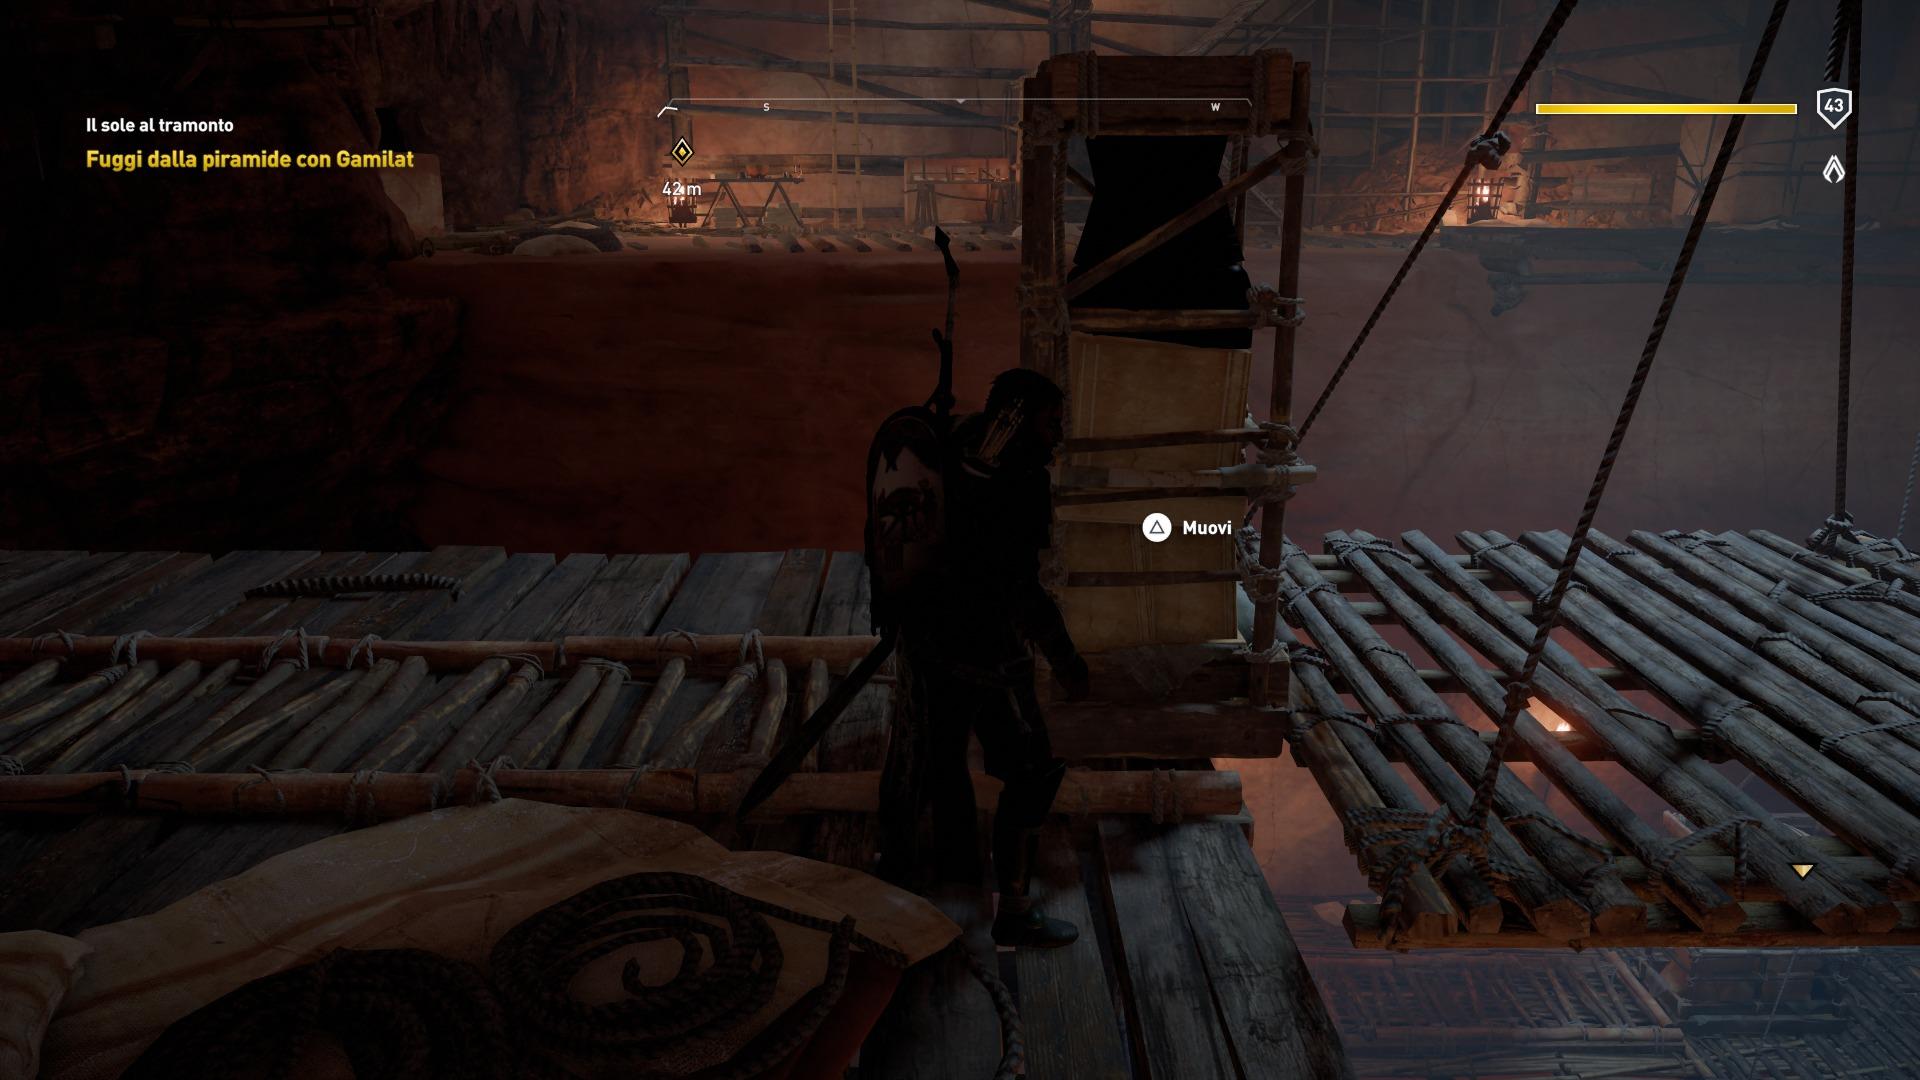 New Game Plus in arrivo per Assassin's Creed Origins